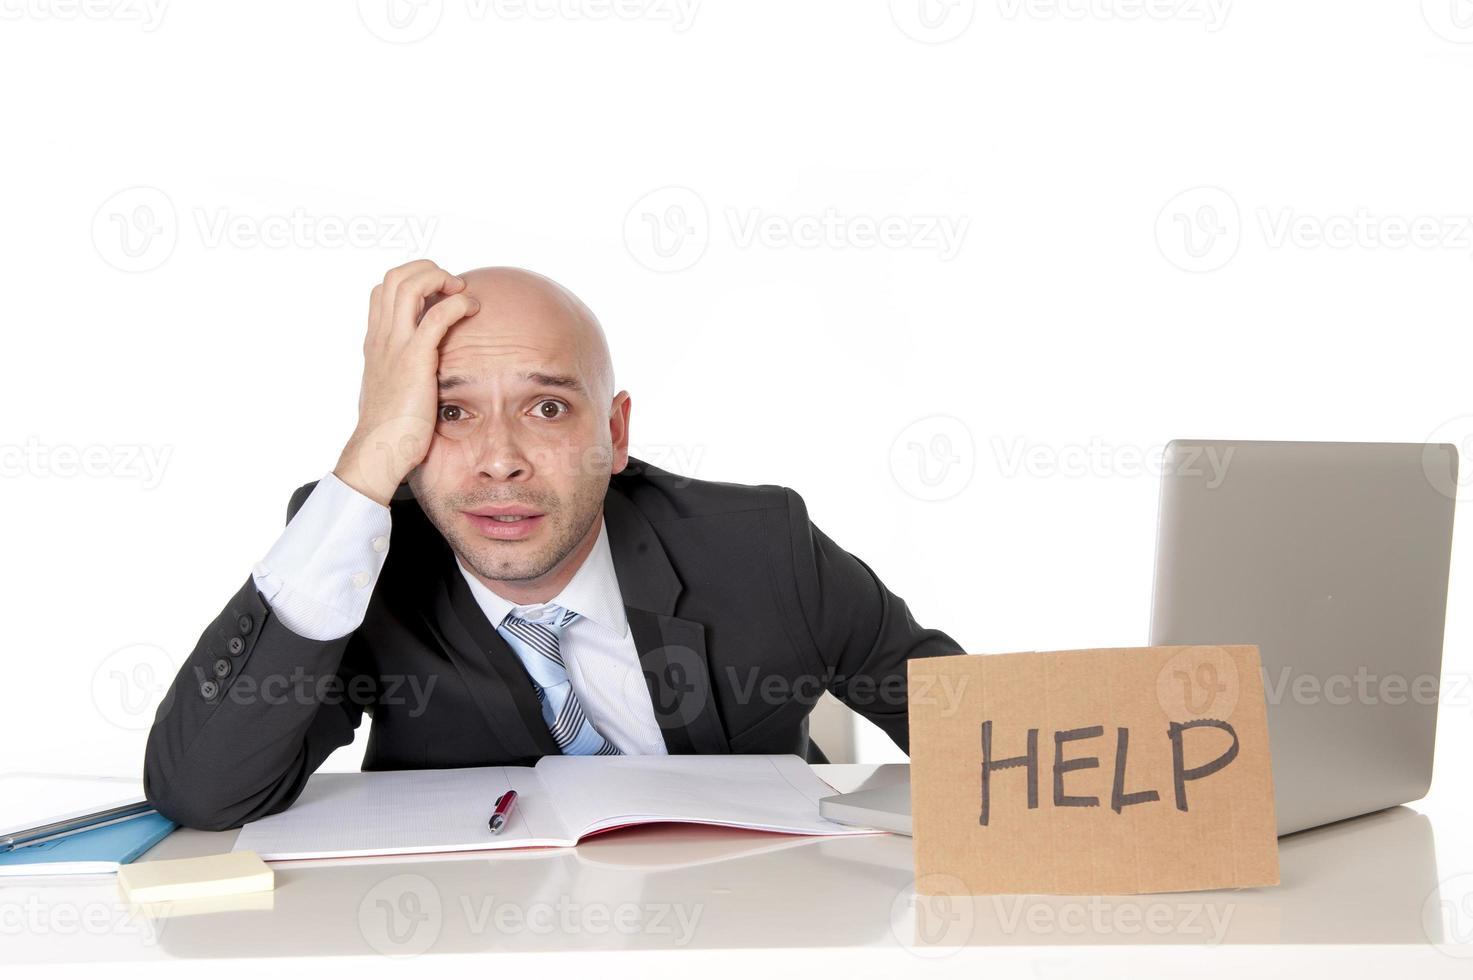 homem de negócios latino careca sobre trabalhou segurando uma placa de ajuda foto